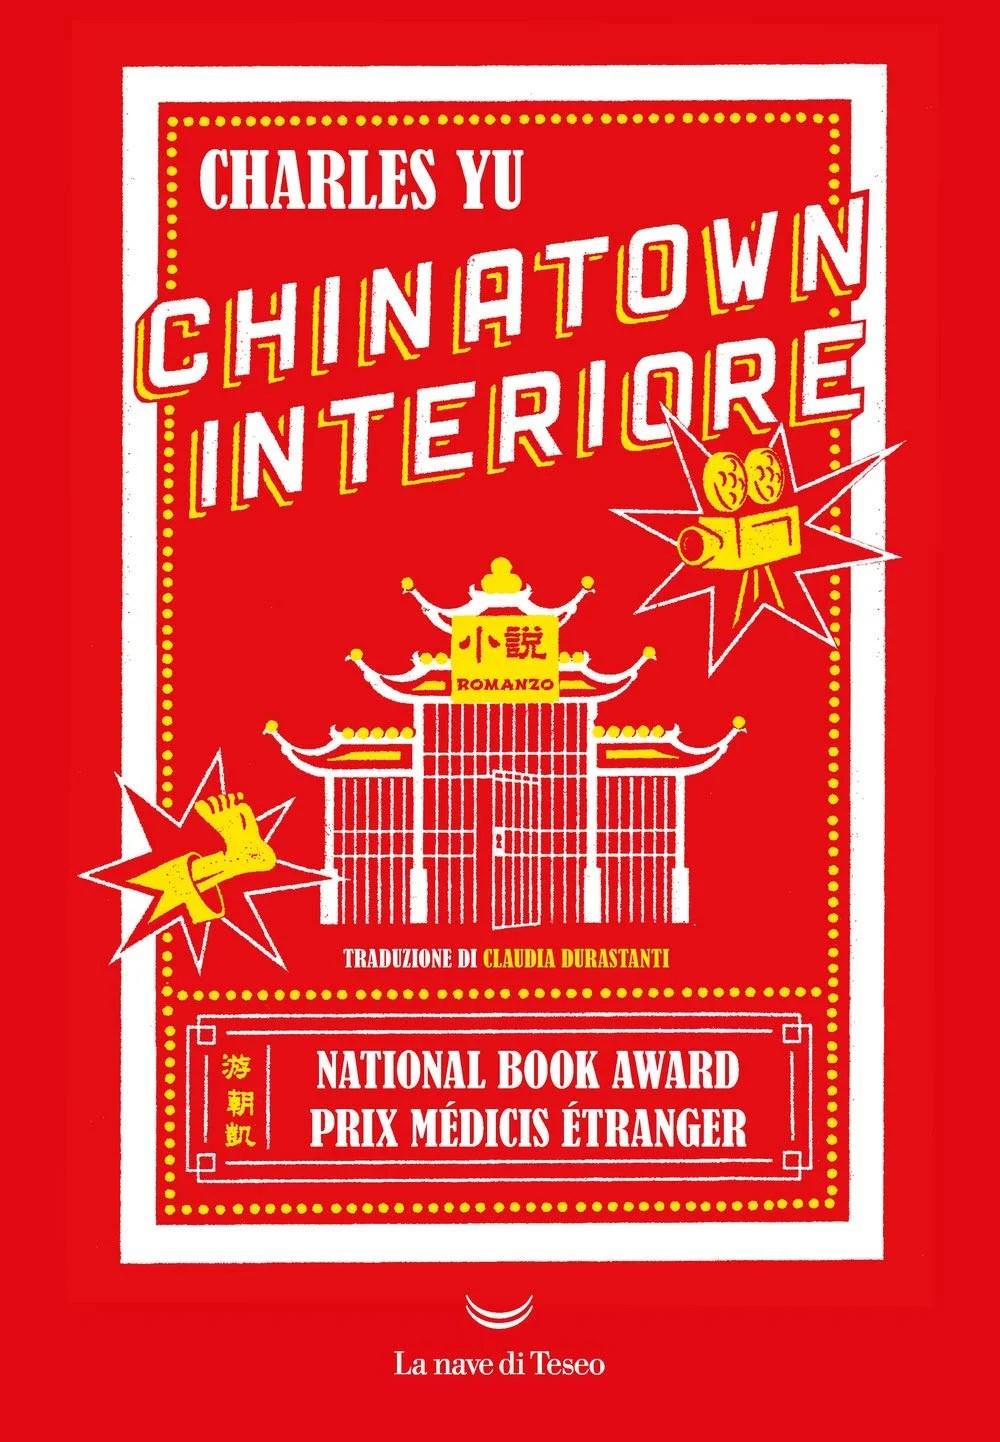 Recensione di Chinatown Interiore – Charles Yu